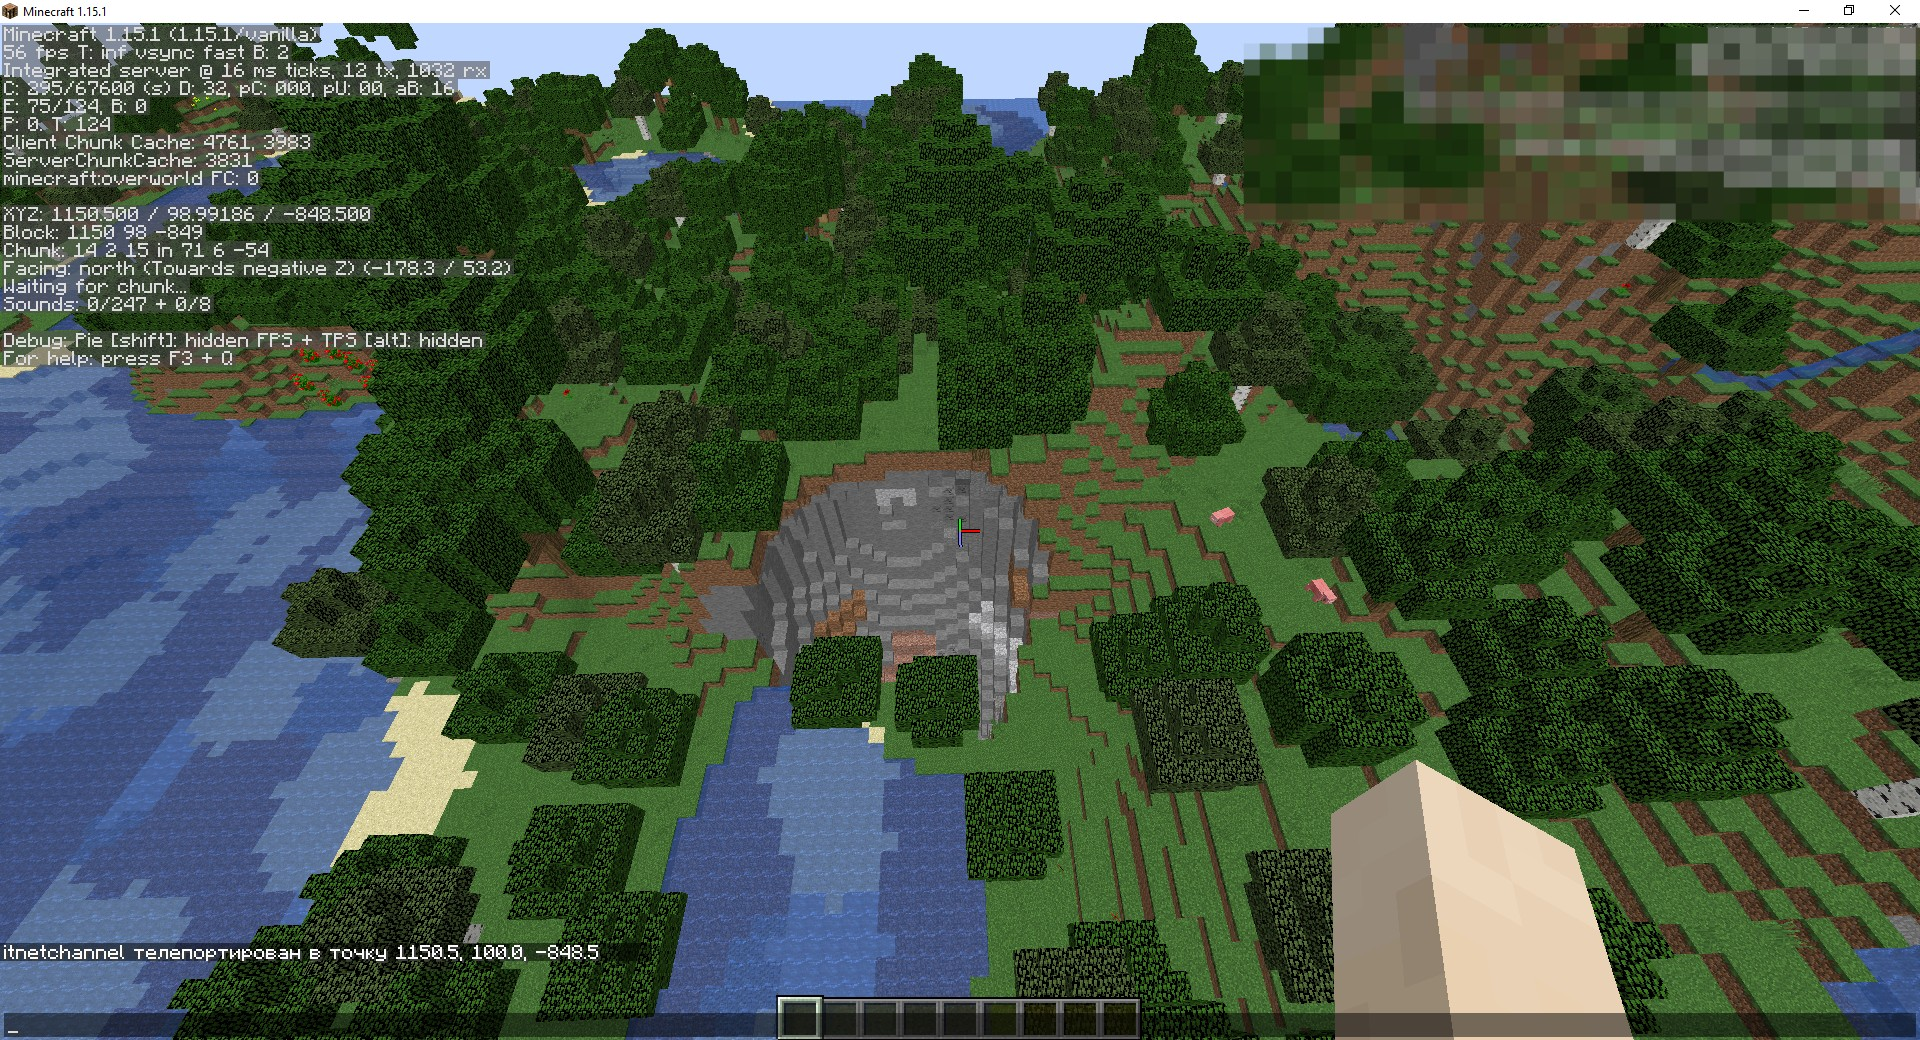 Сид «Подземная крепость ипортал вкрай» - скриншот 1